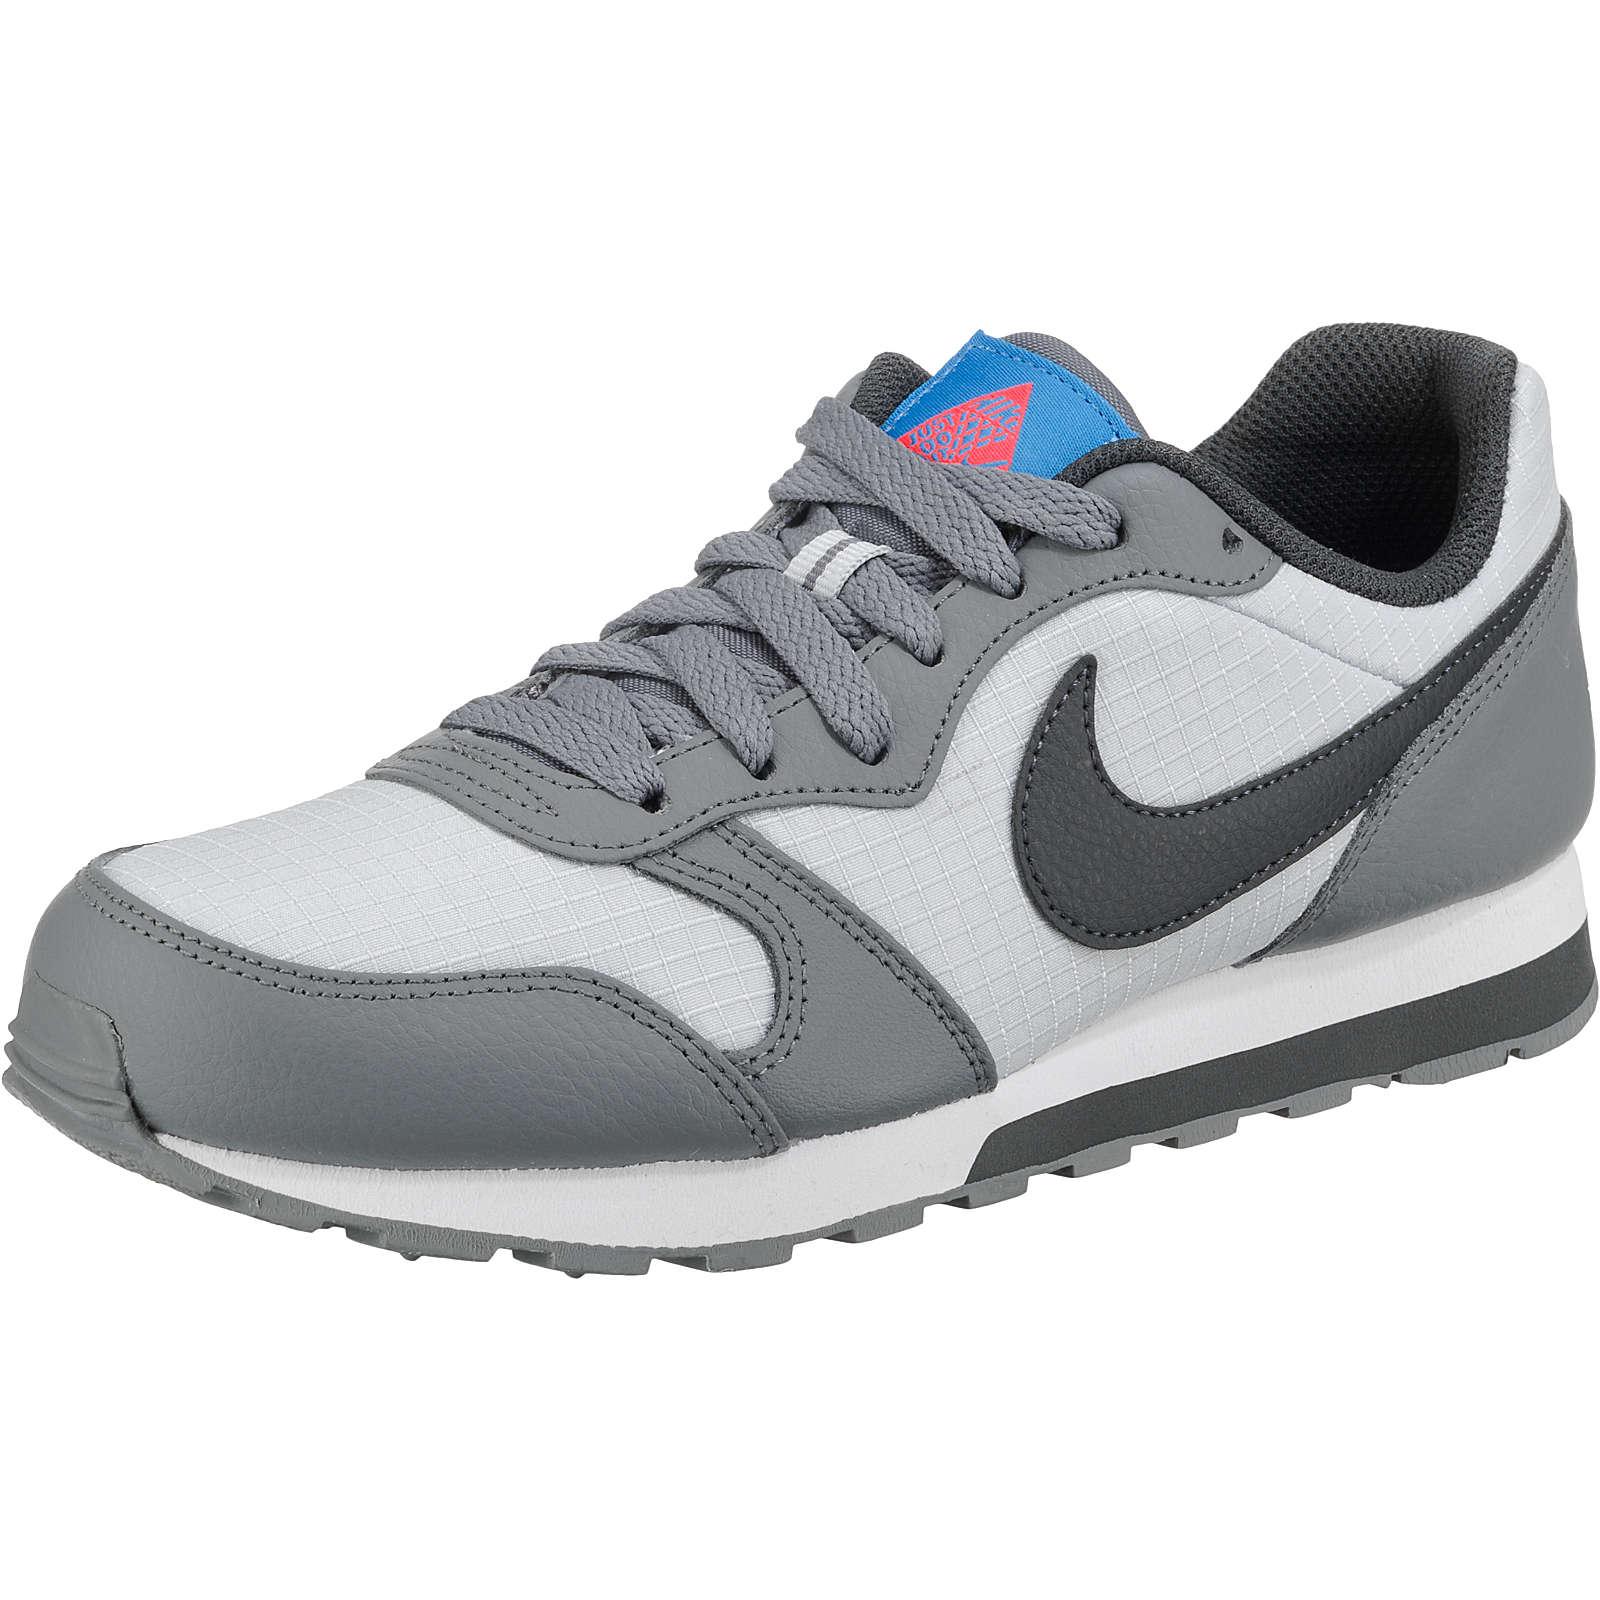 reputable site 99eed 1e6a0 Nike Sportswear Sneakers Low MD RUNNER 2 (GS) für Jungen grau Junge Gr. 36